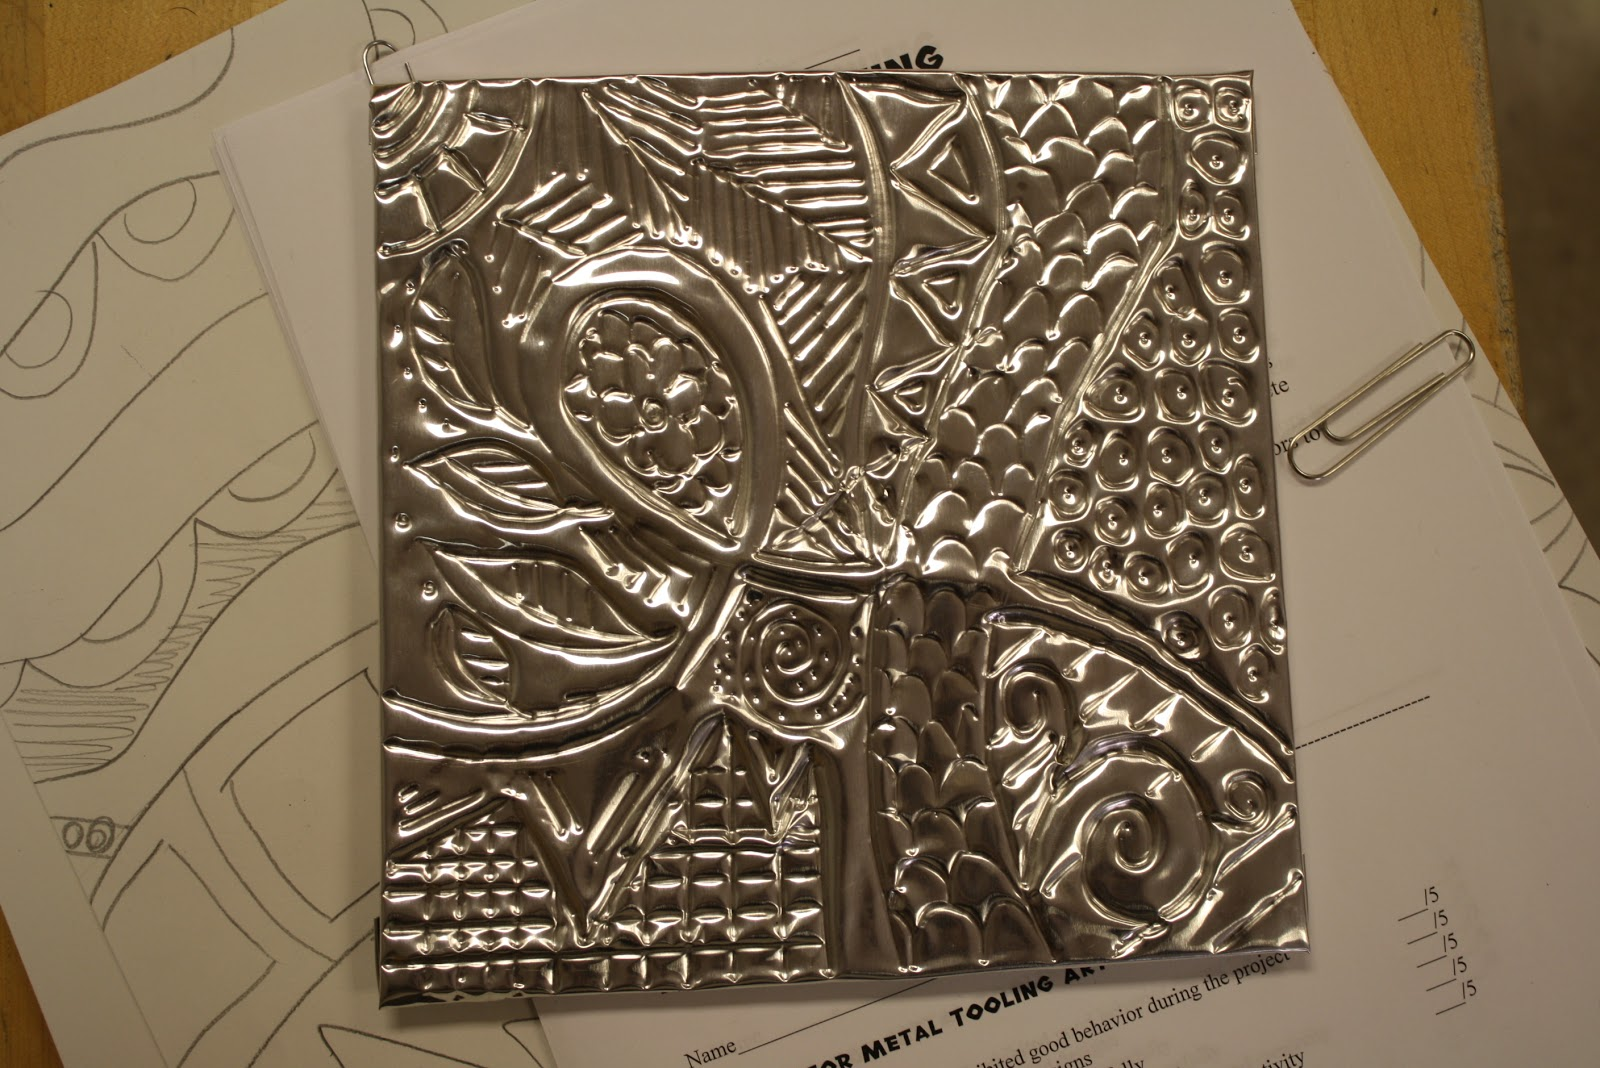 Metal Tooling In Middle School Art